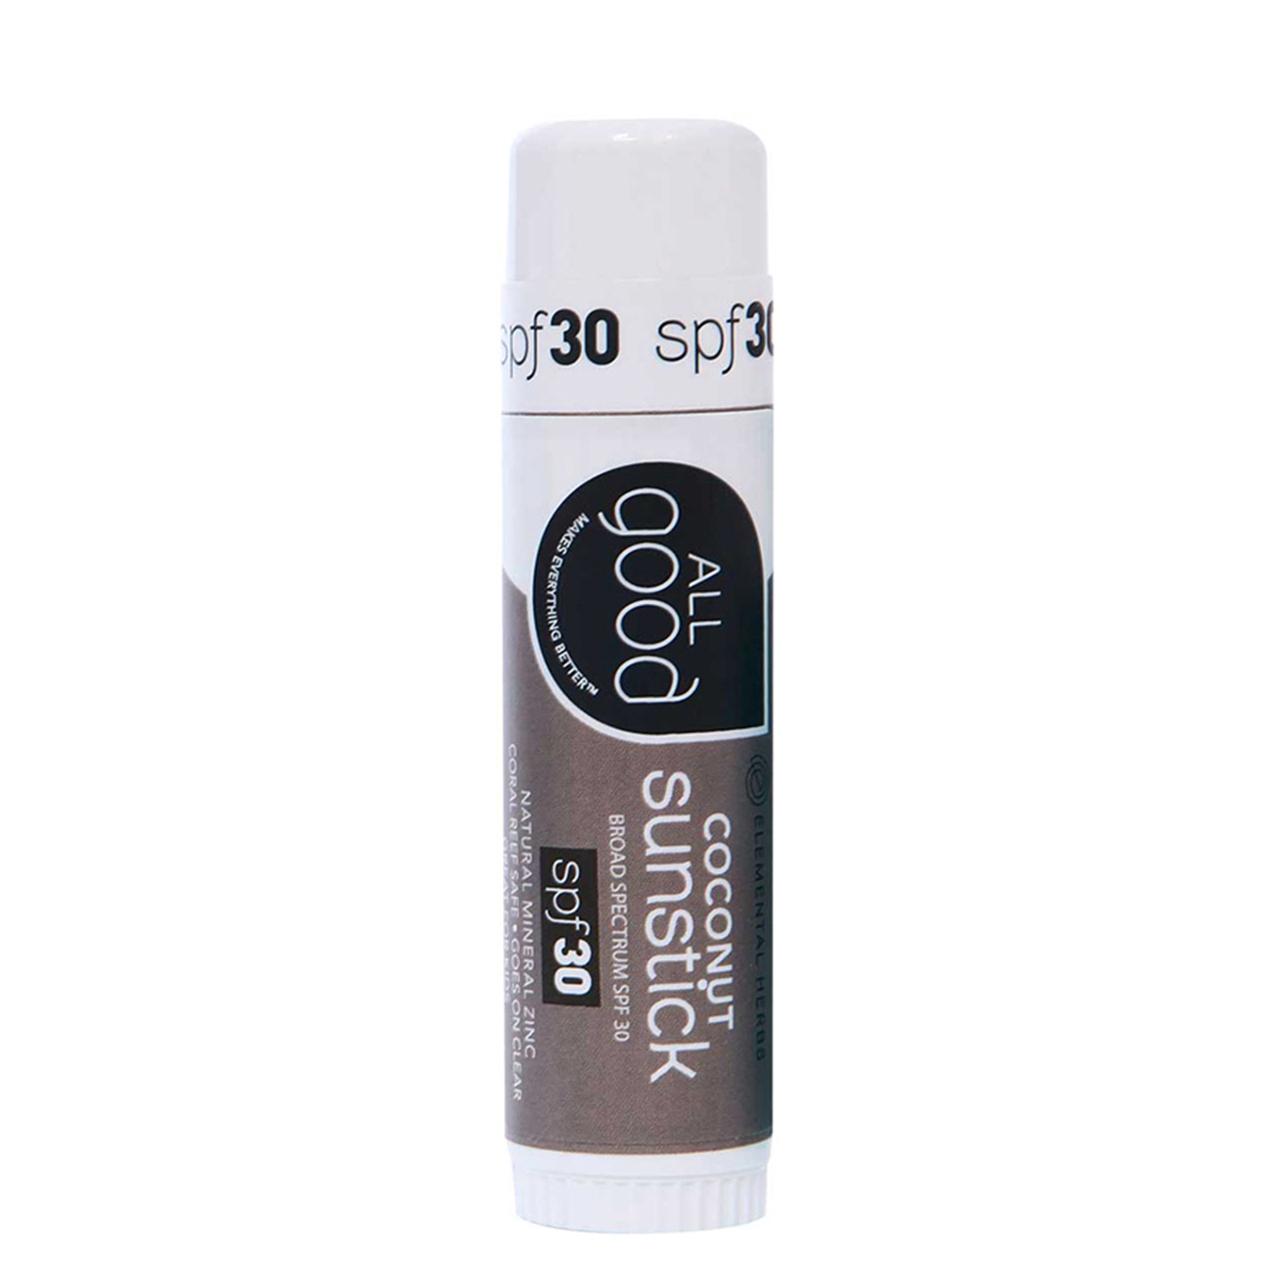 SPF30 Coconut Sunstick